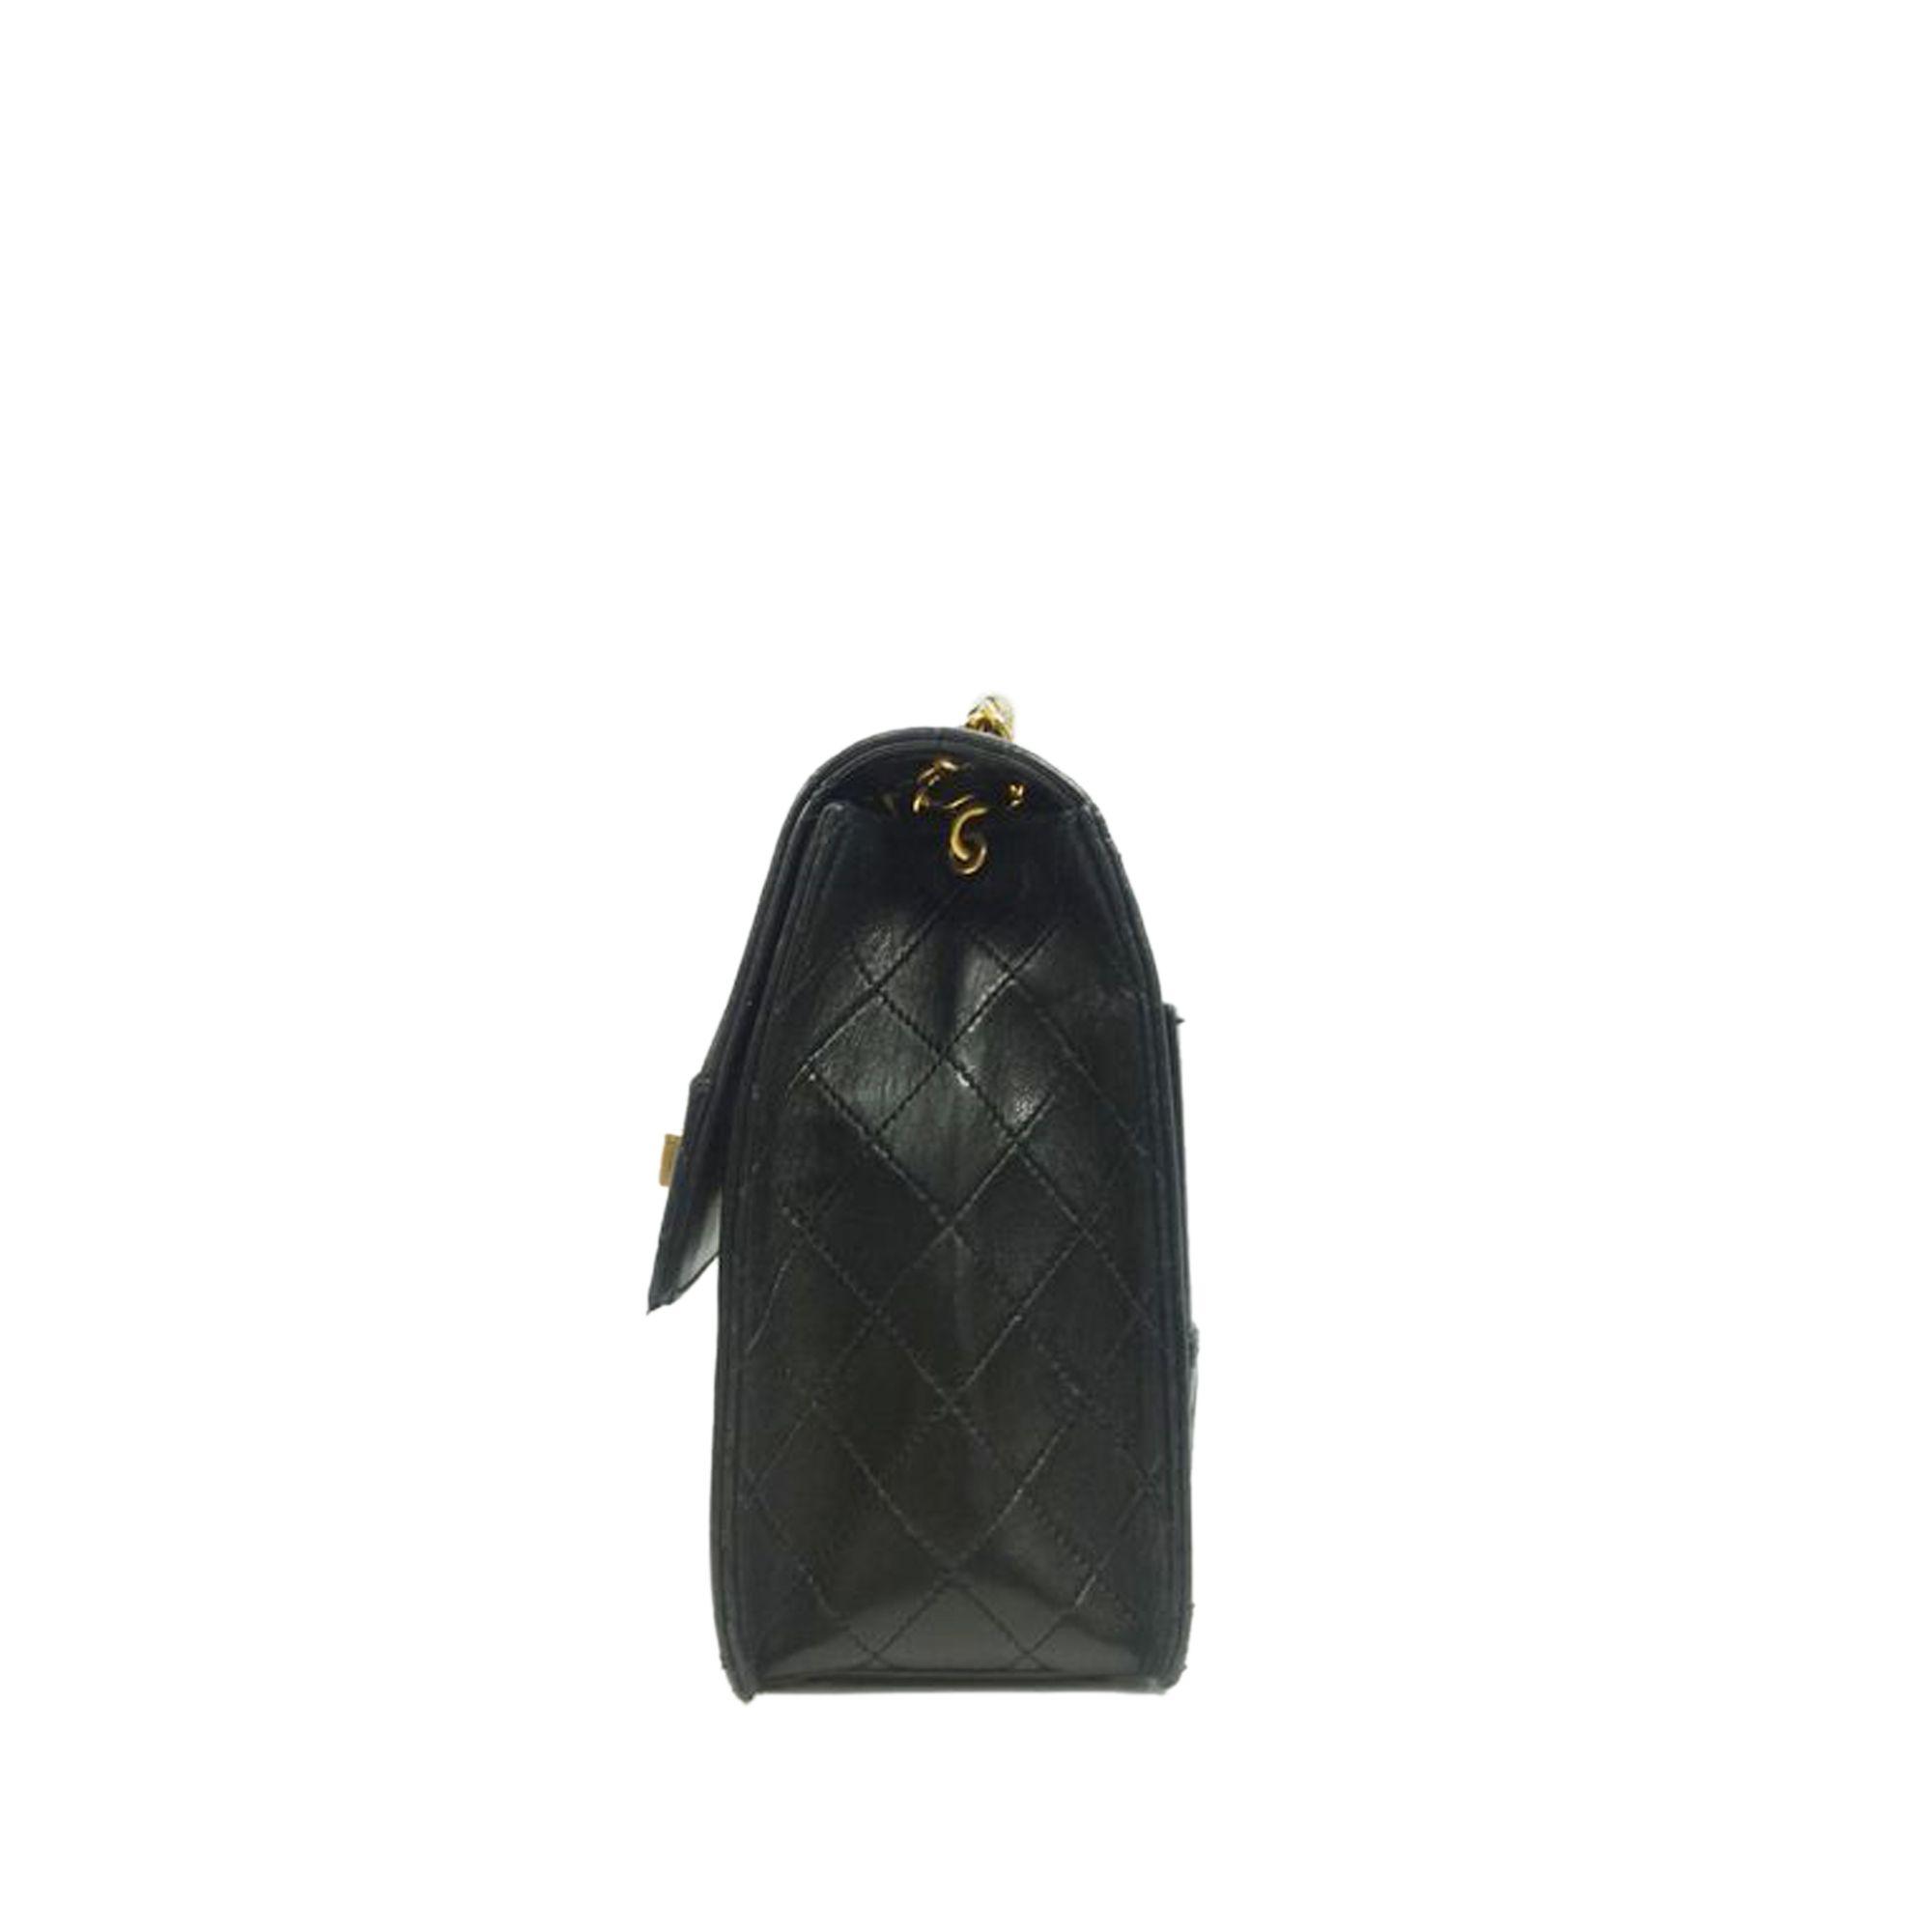 Vintage Chanel Lambskin Leather Shoulder Bag Black